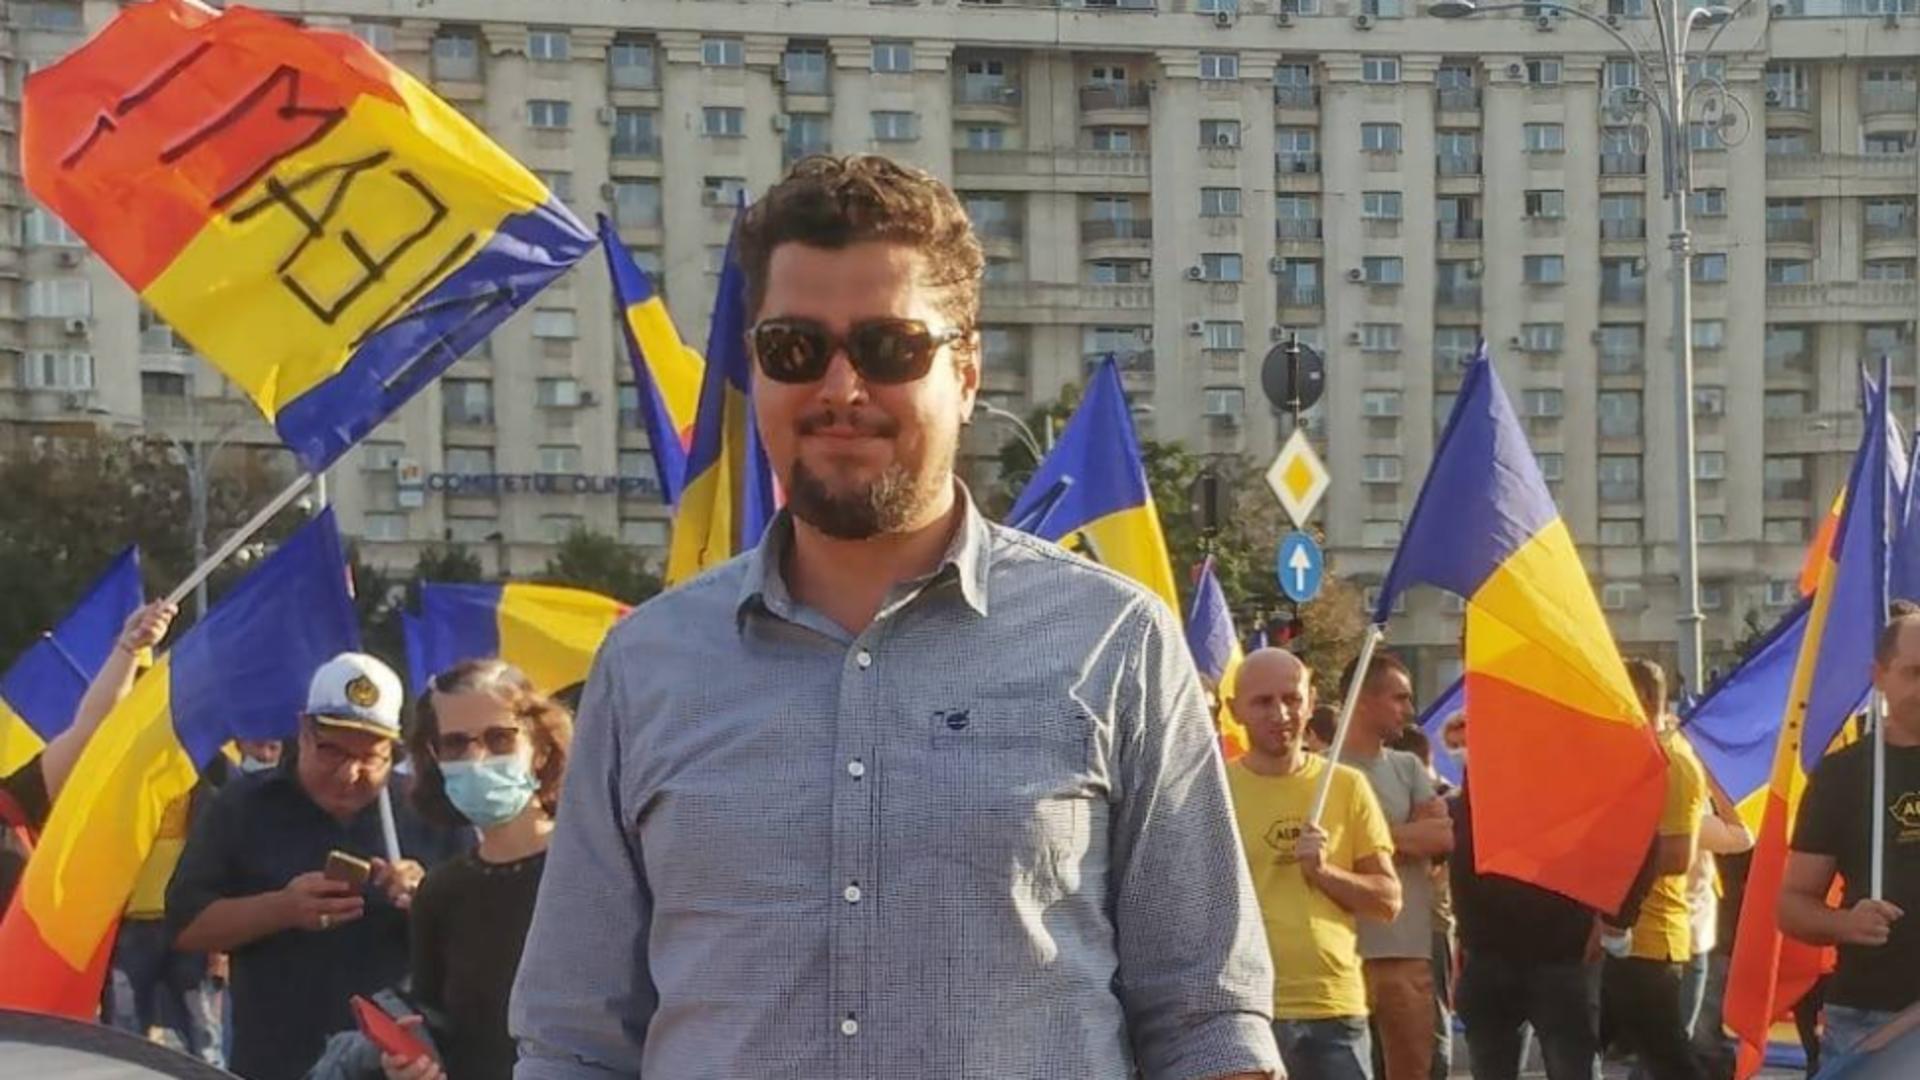 Claudiu Tarziu, AUR/foto: profil Facebook